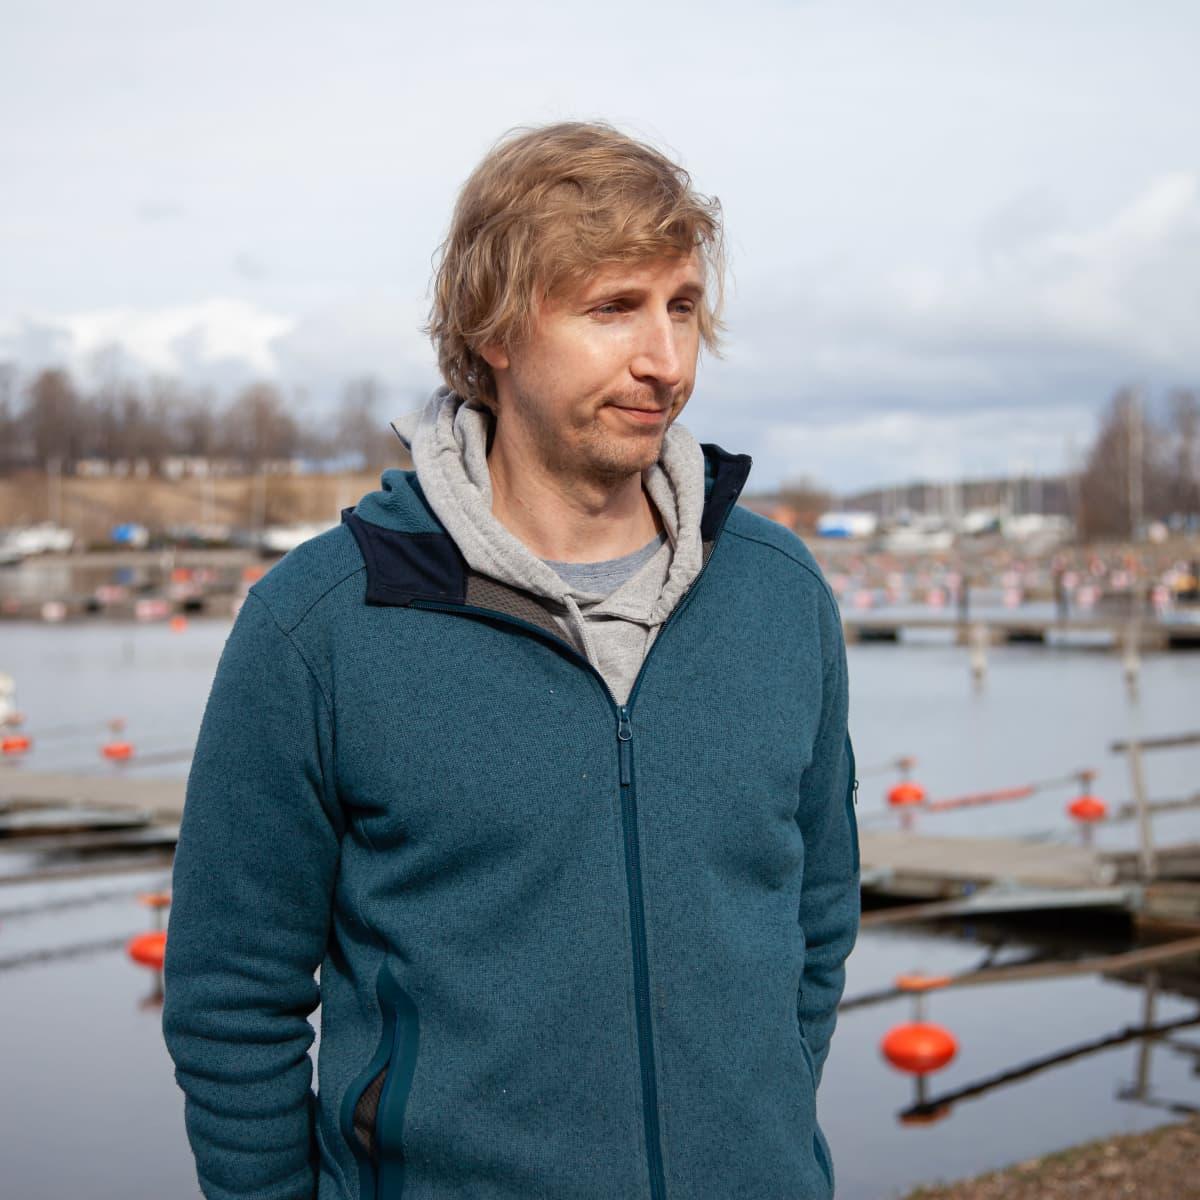 Kristian Raij